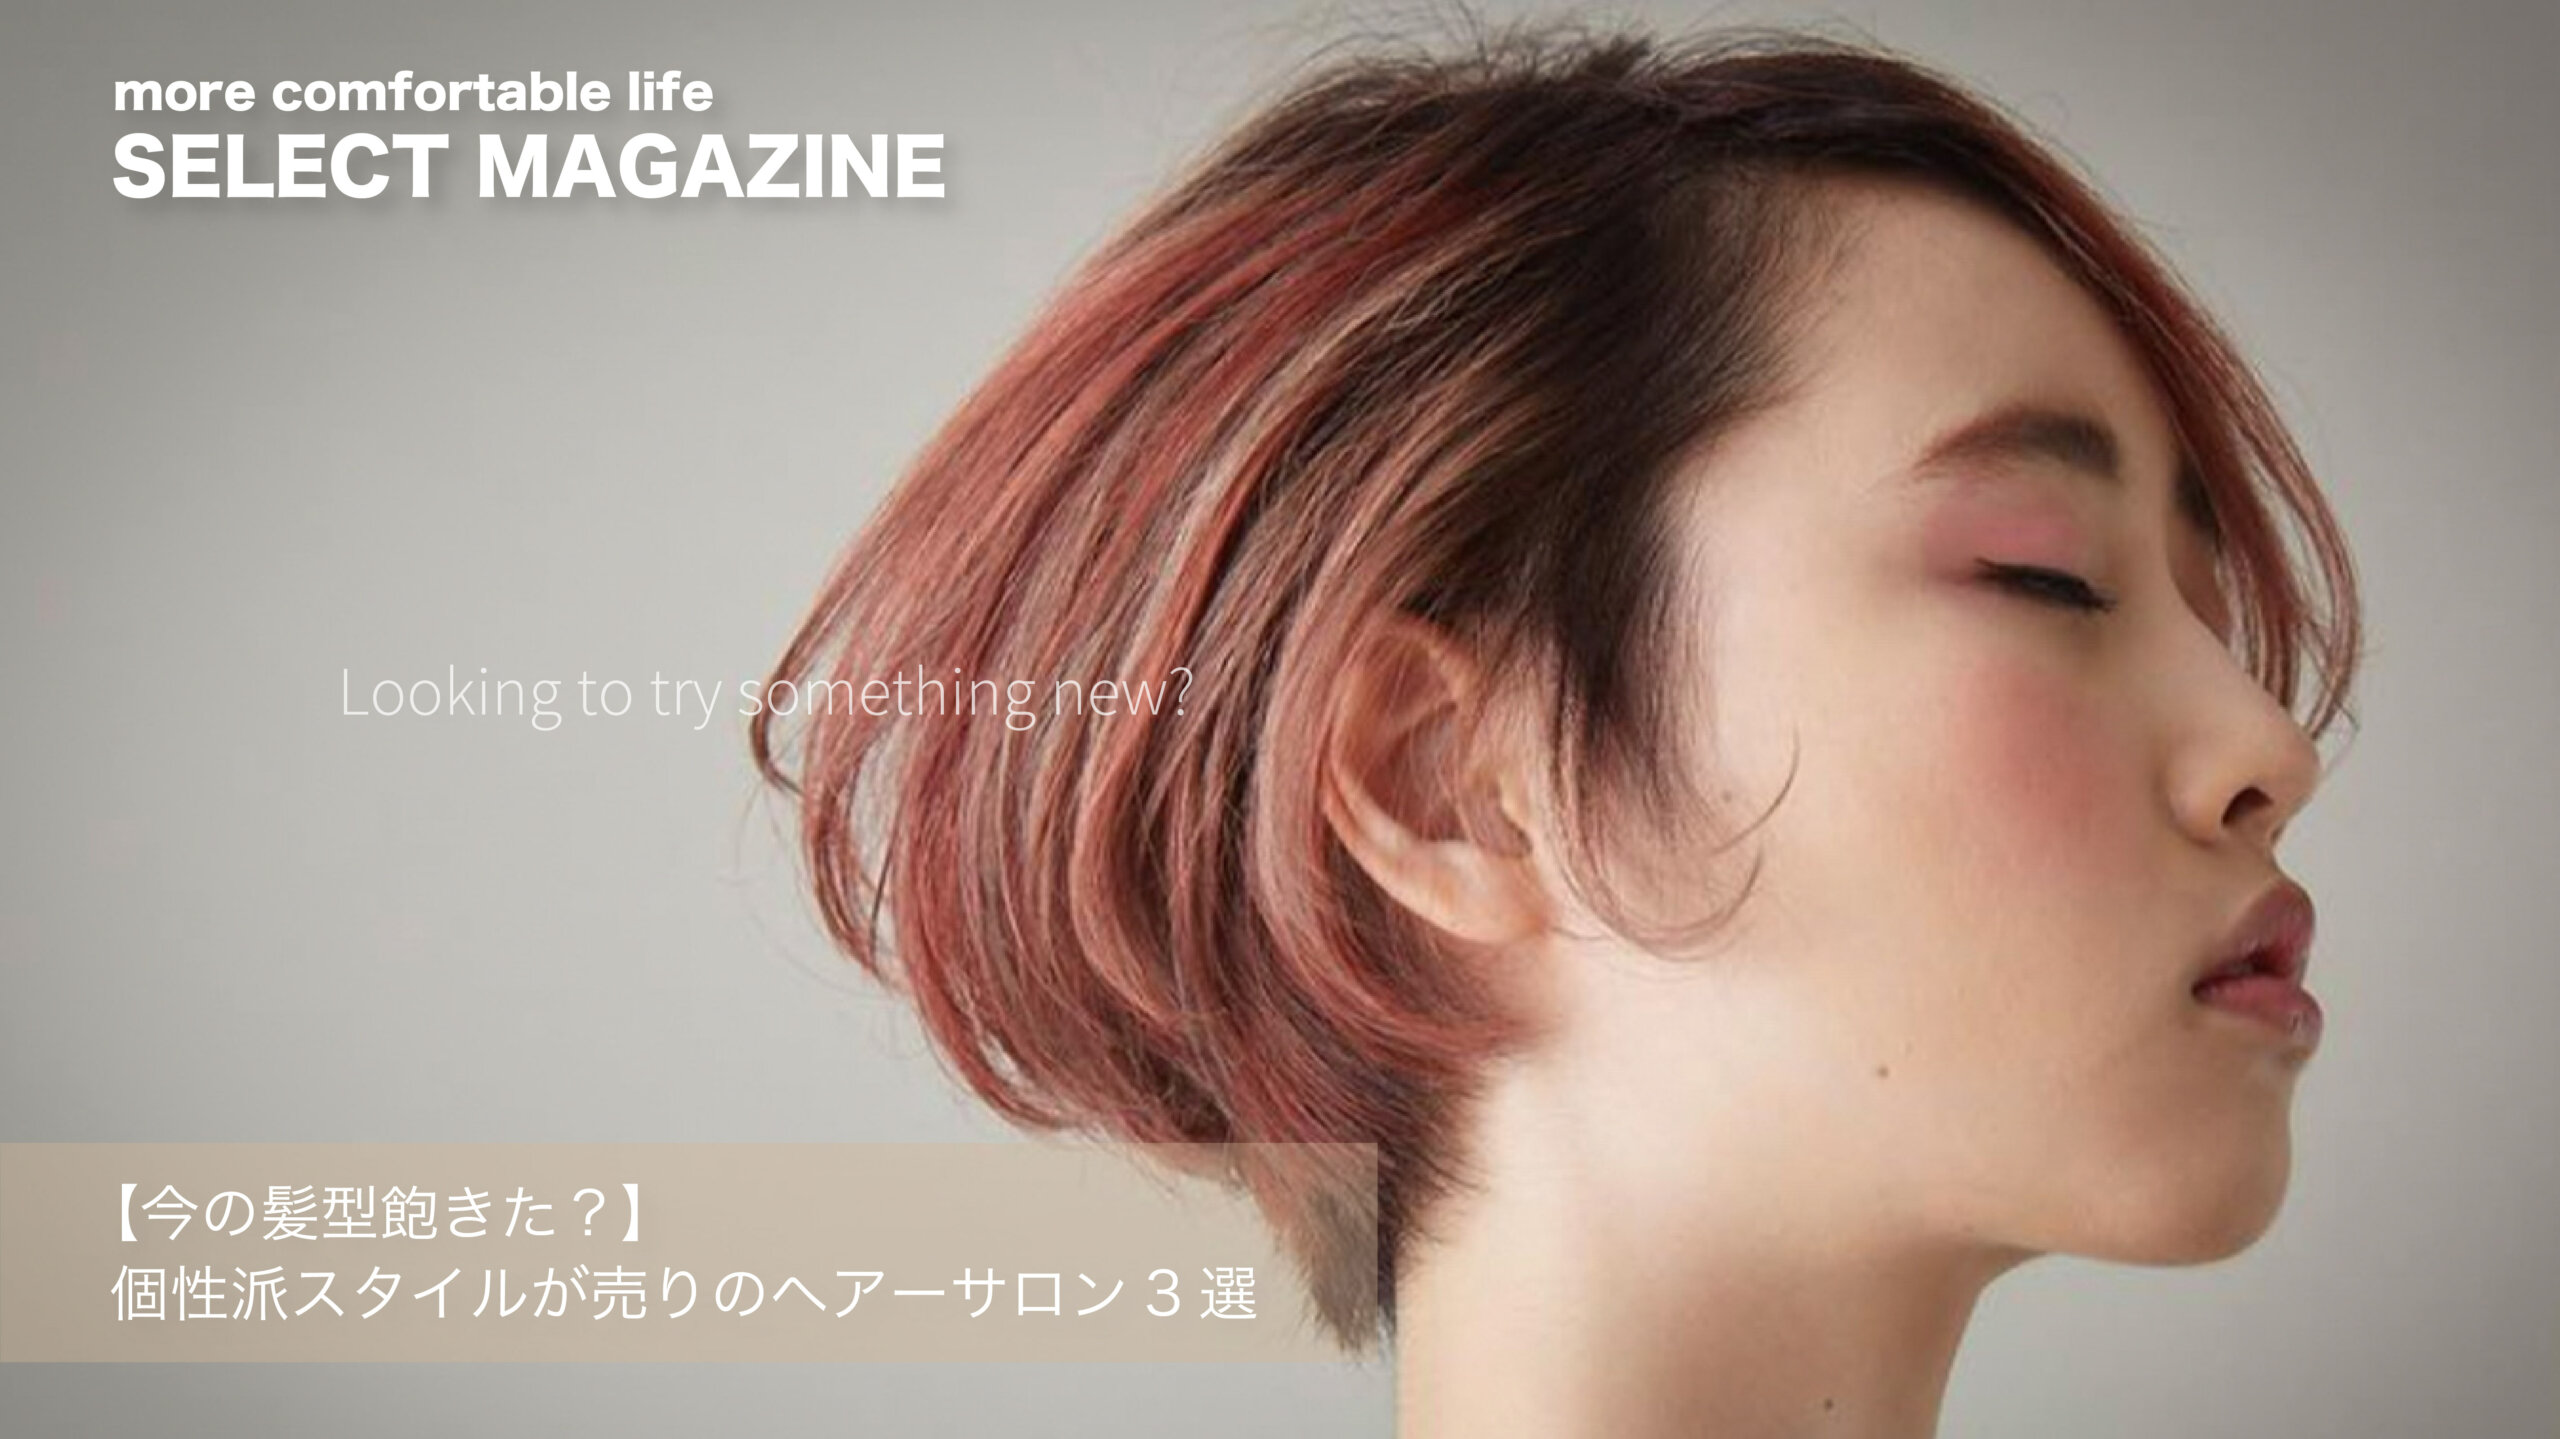 【今の髪型飽きた?】個性派スタイルが売りのヘアーサロン3選|学芸大学